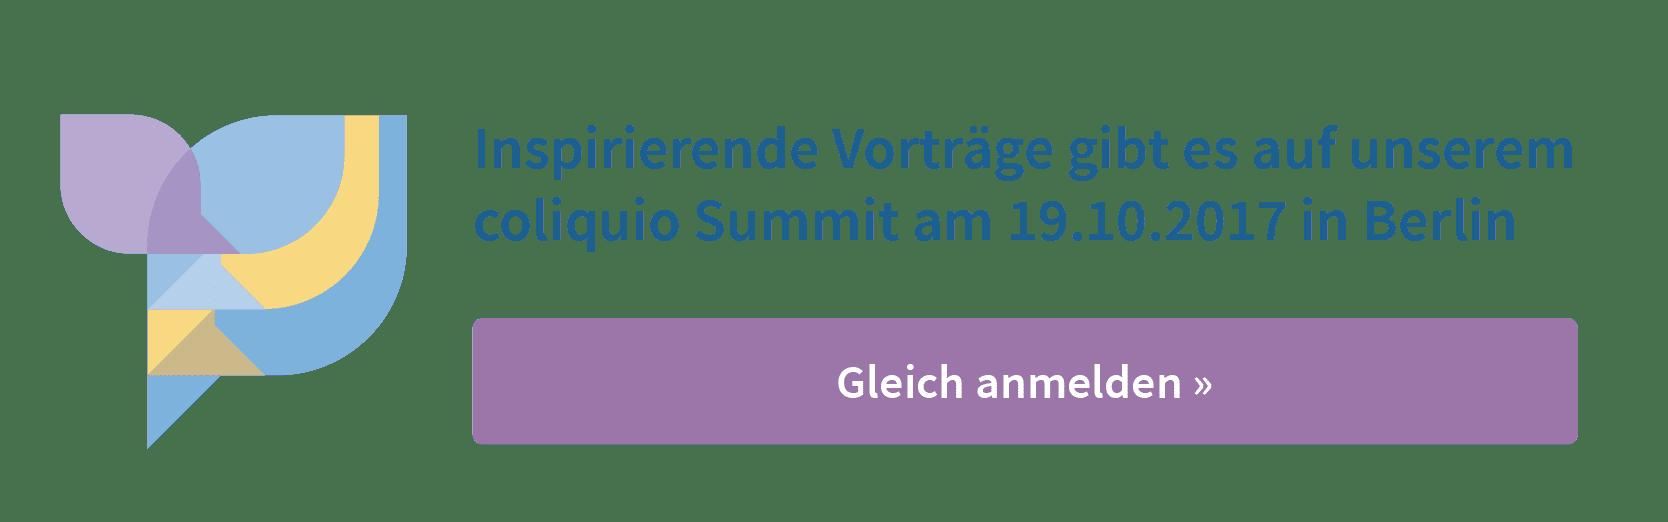 coliquio Summit